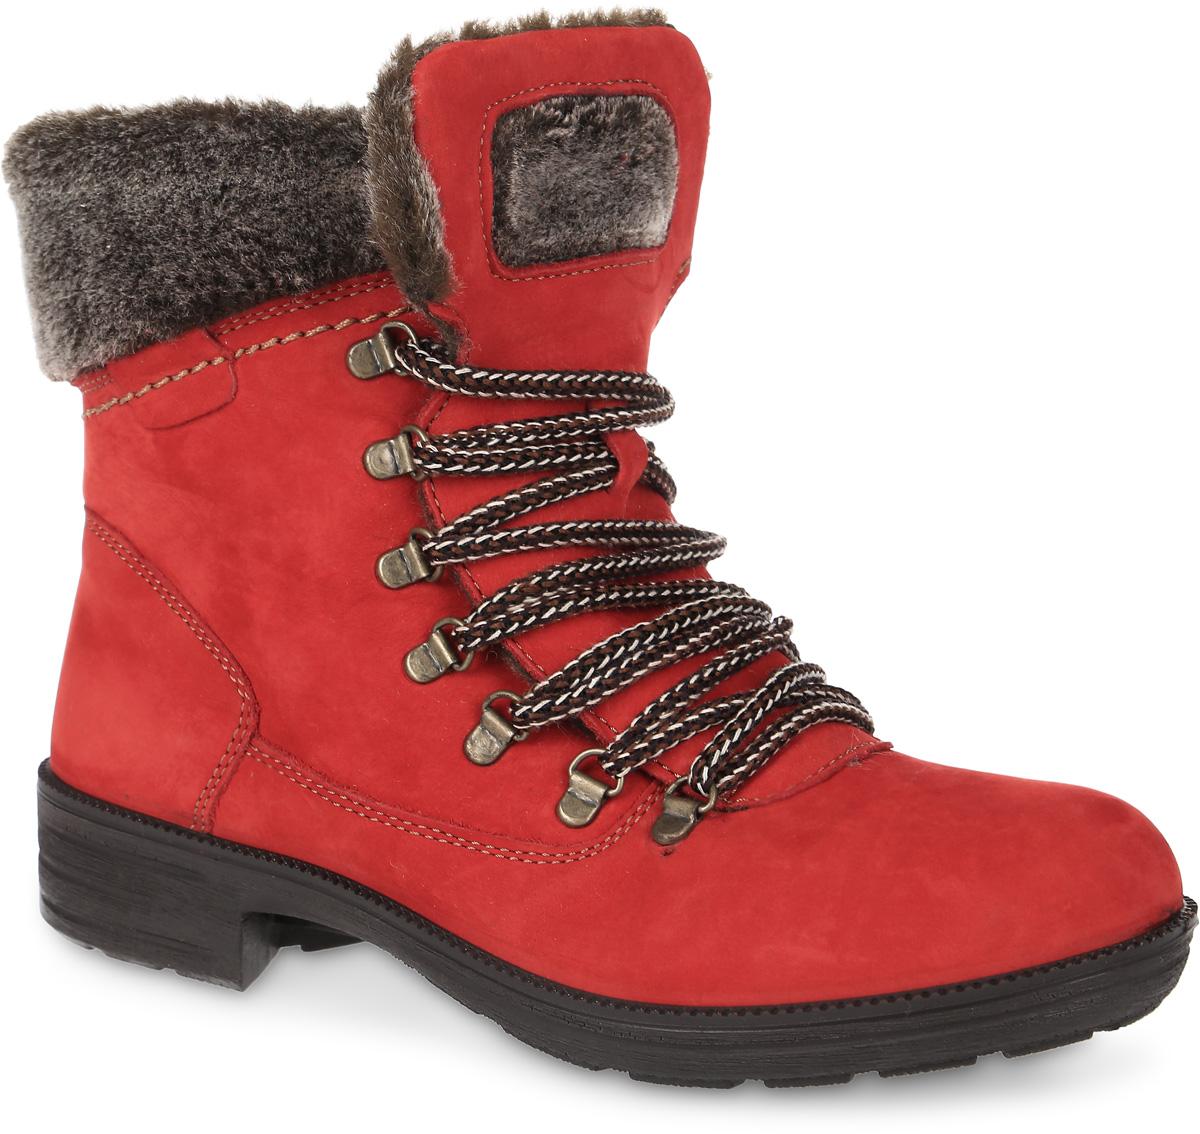 6685Модные ботинки Free Style от San Marko заинтересуют вашу девочку с первого взгляда! Модель выполнена из натурального нубука. Ботинки оформлены меховым кантом. Шнуровка надежно зафиксируем модель на ноге. Подкладка и стелька из шерстяного меха не дадут ногам замерзнуть. Подошва и невысокий каблук дополнены рифлением.